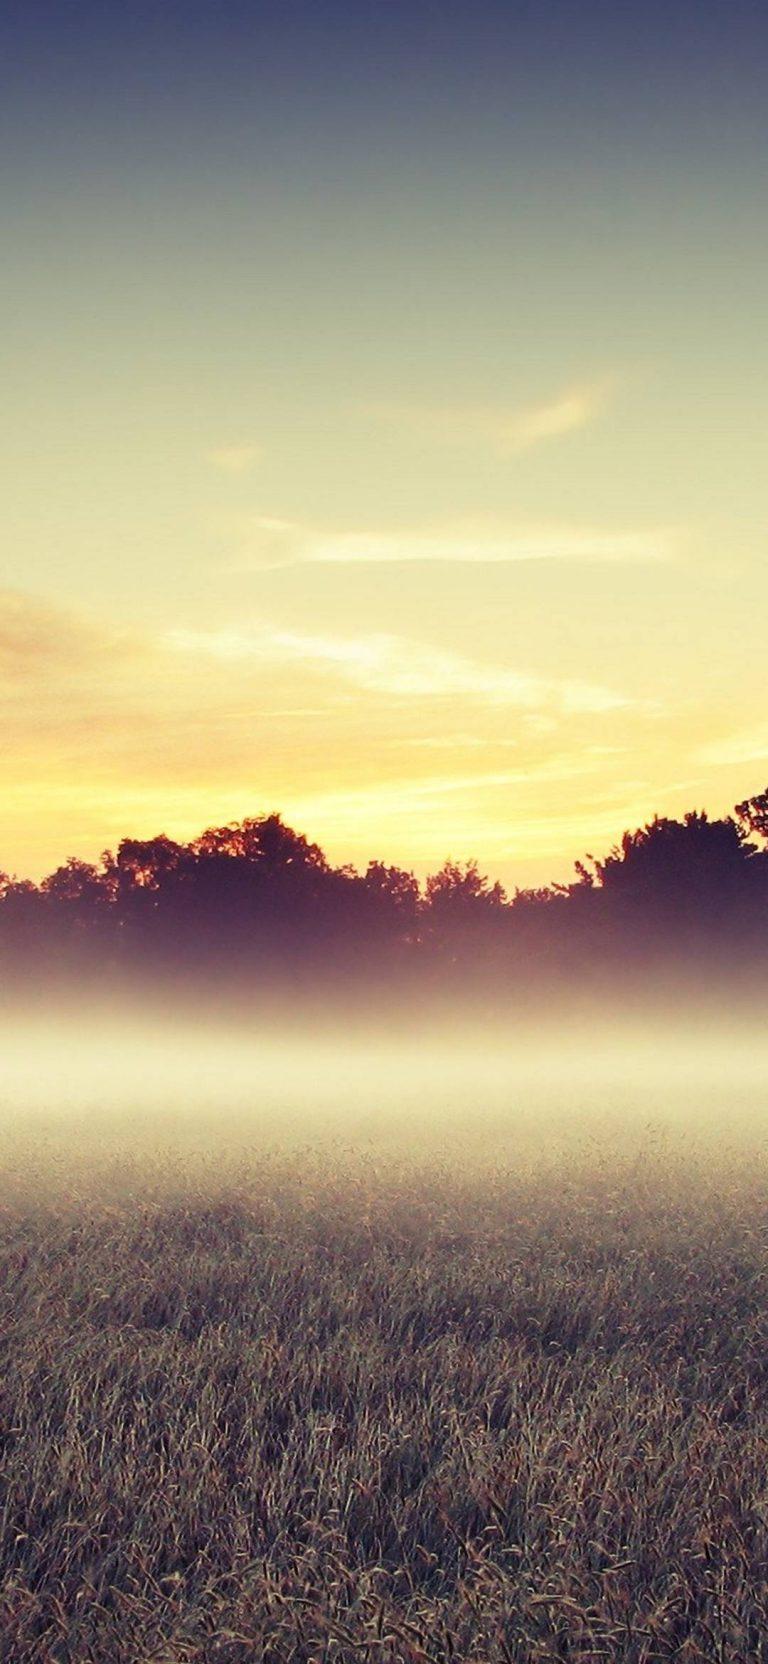 Morning Mist 1080x2340 768x1664